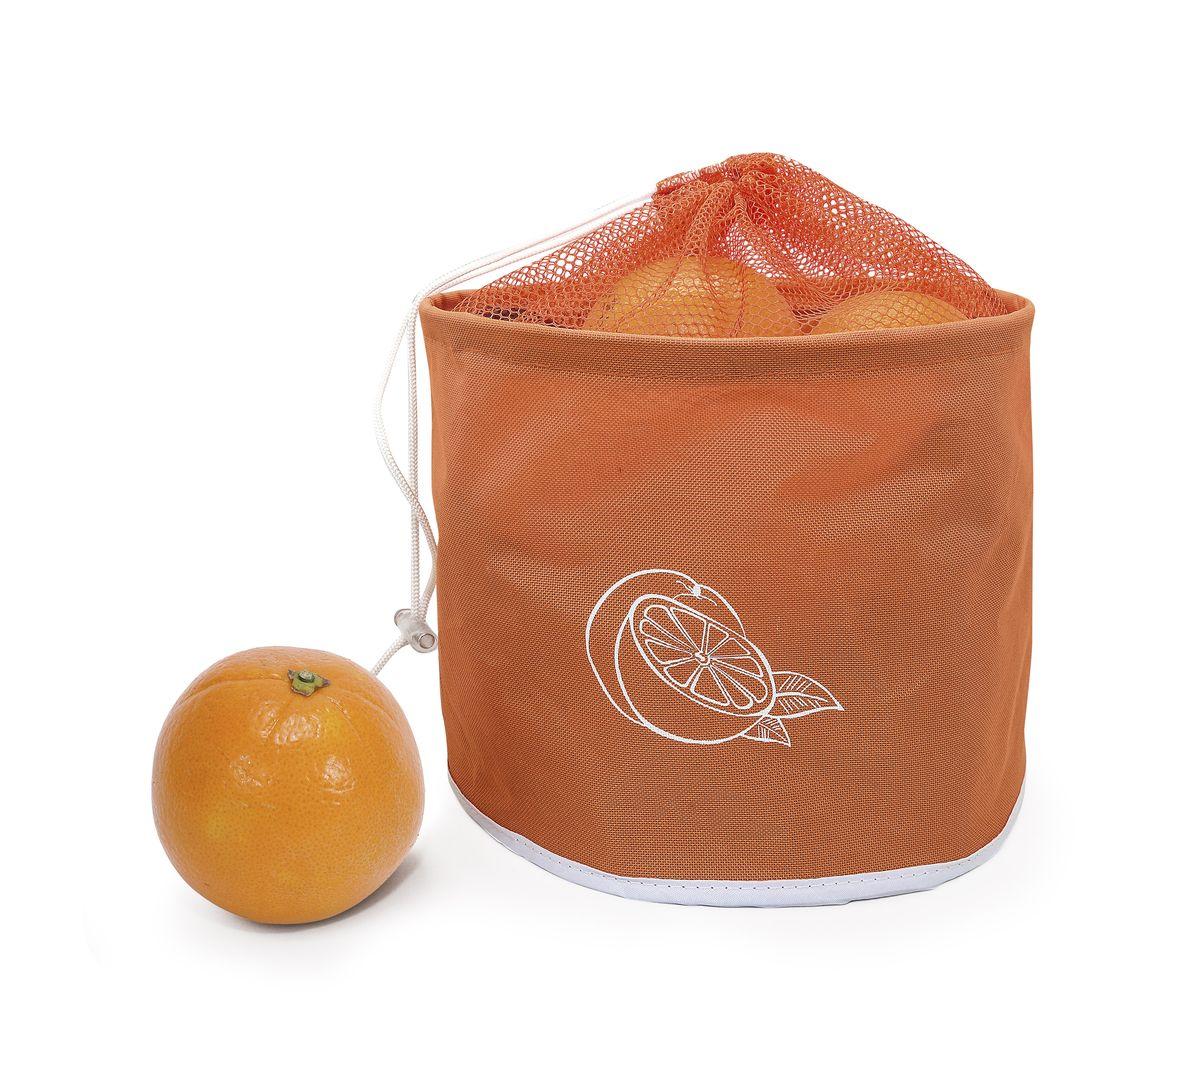 Сумка для хранения цитрусовых Iris Barcelona, до 5 кг, цвет: оранжевый цена